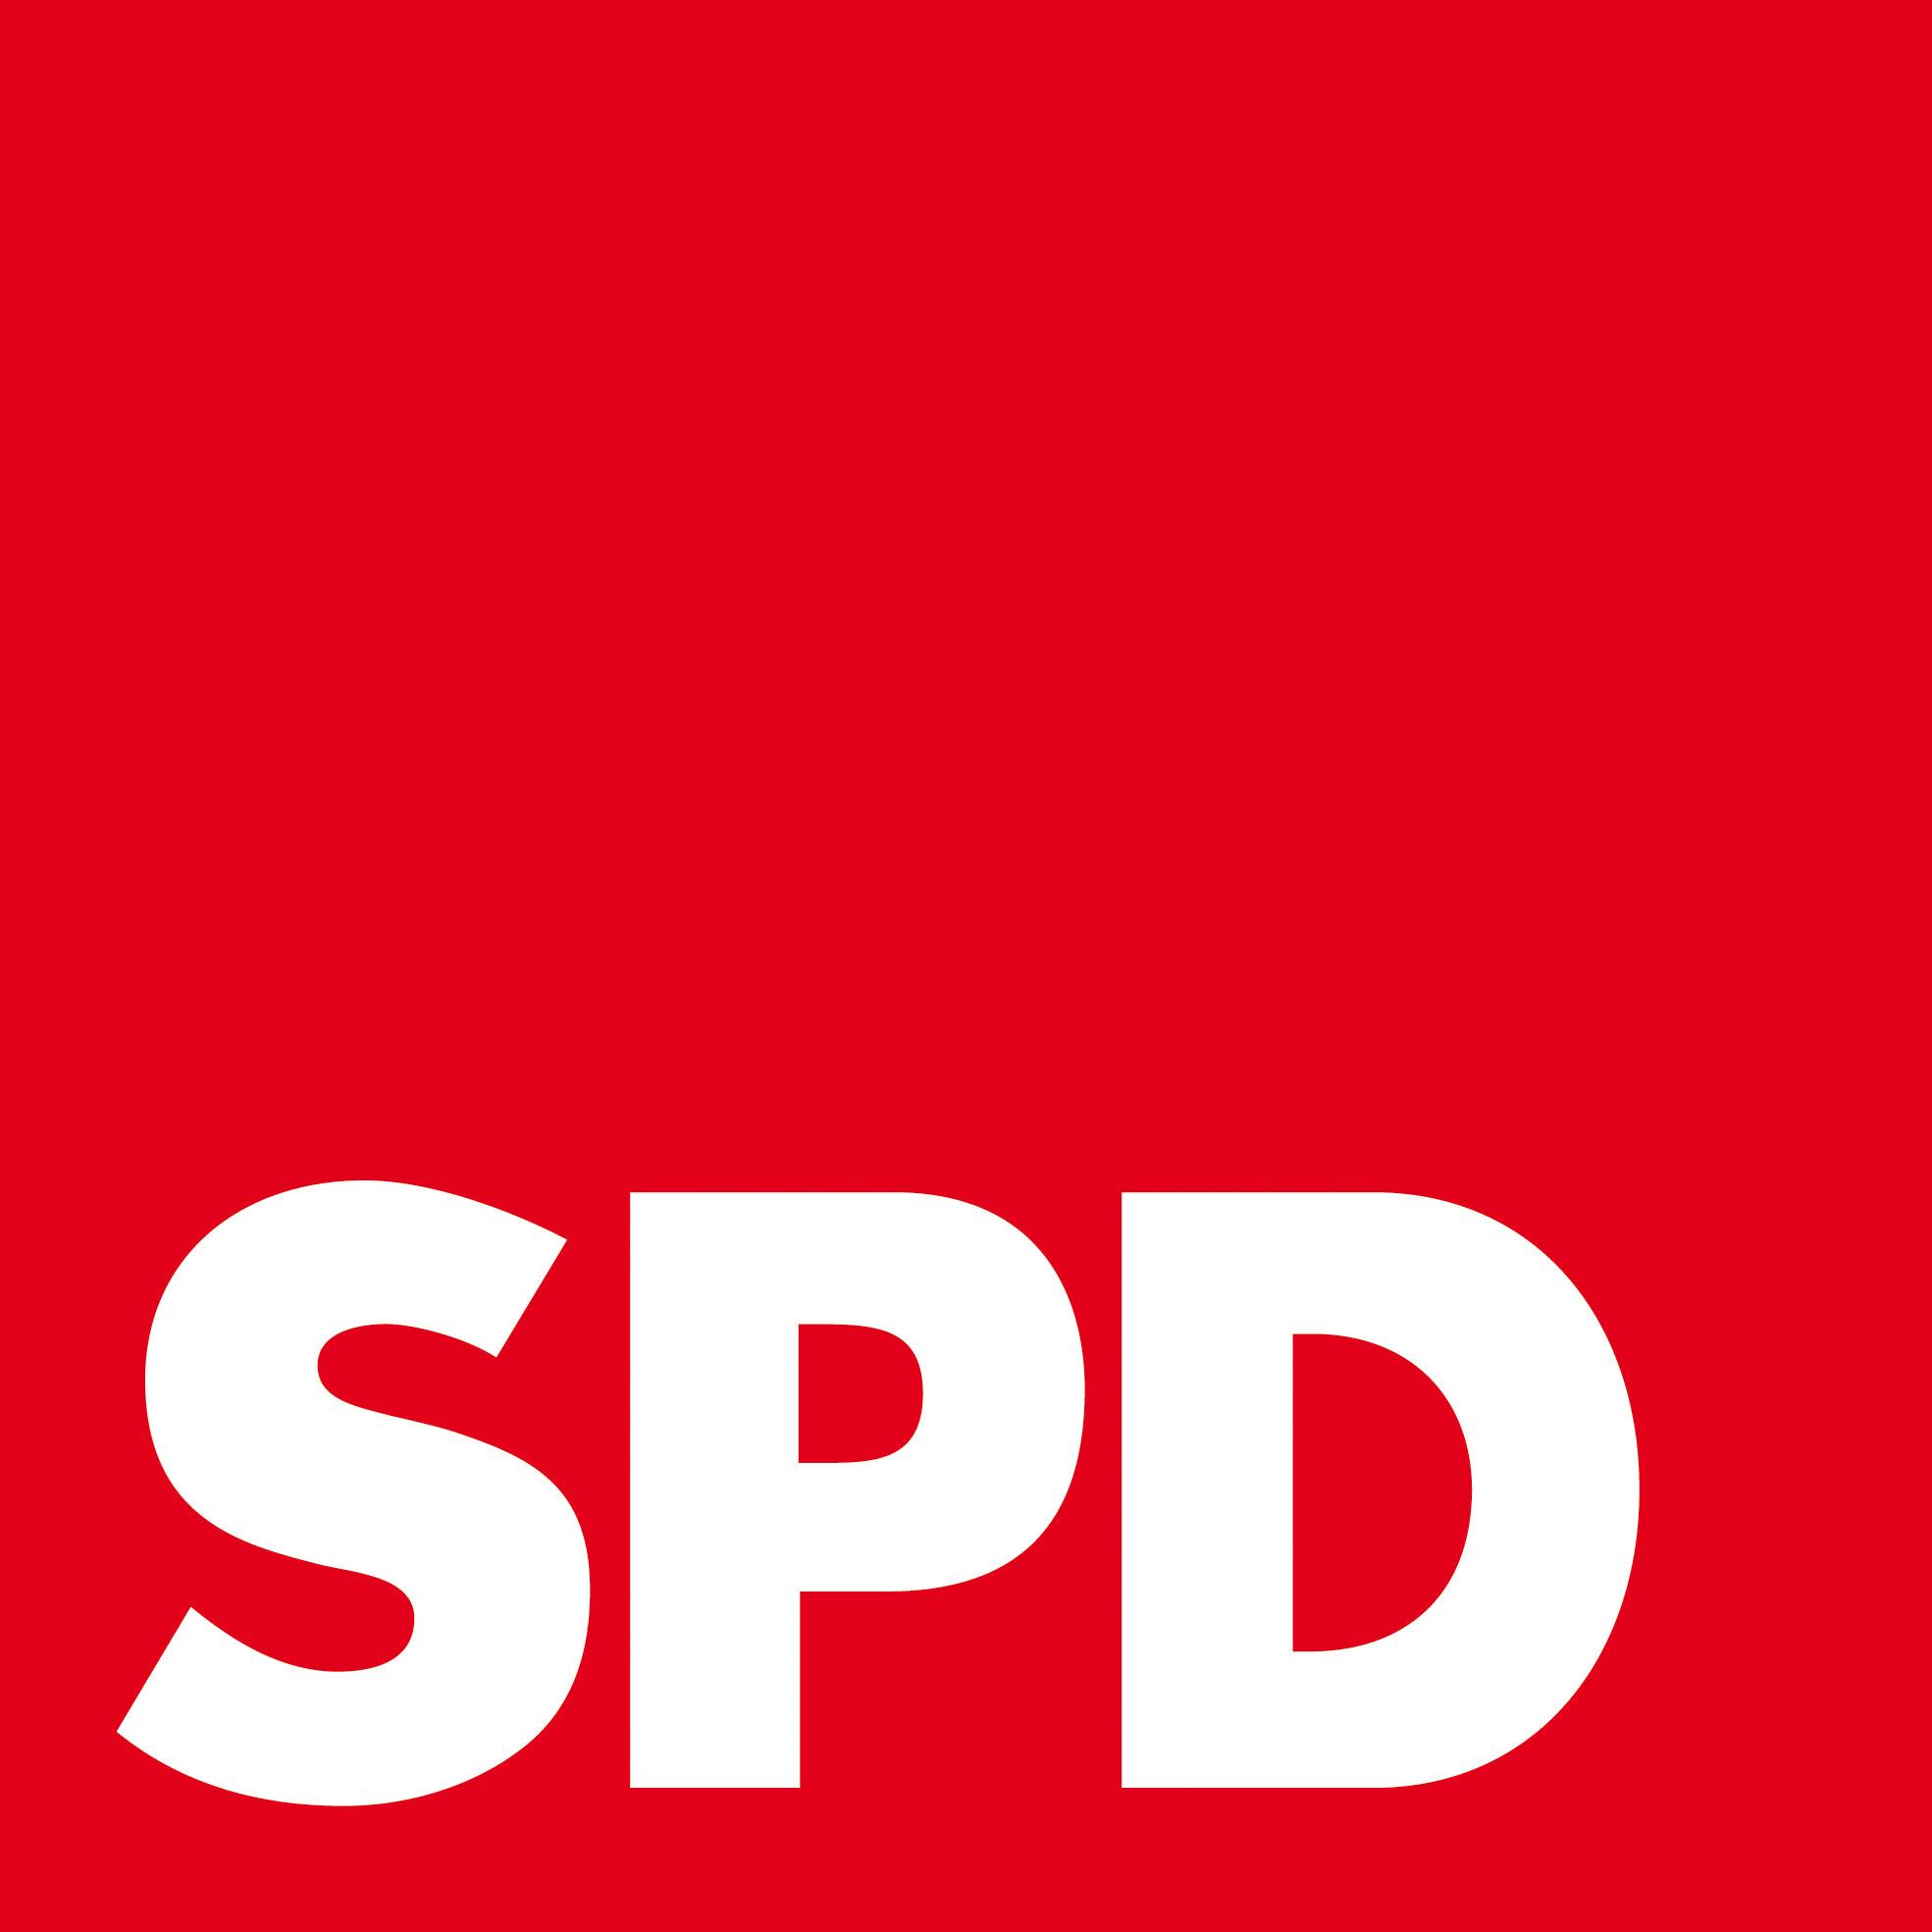 Mai-Aufruf des SPD-Parteivorstandes